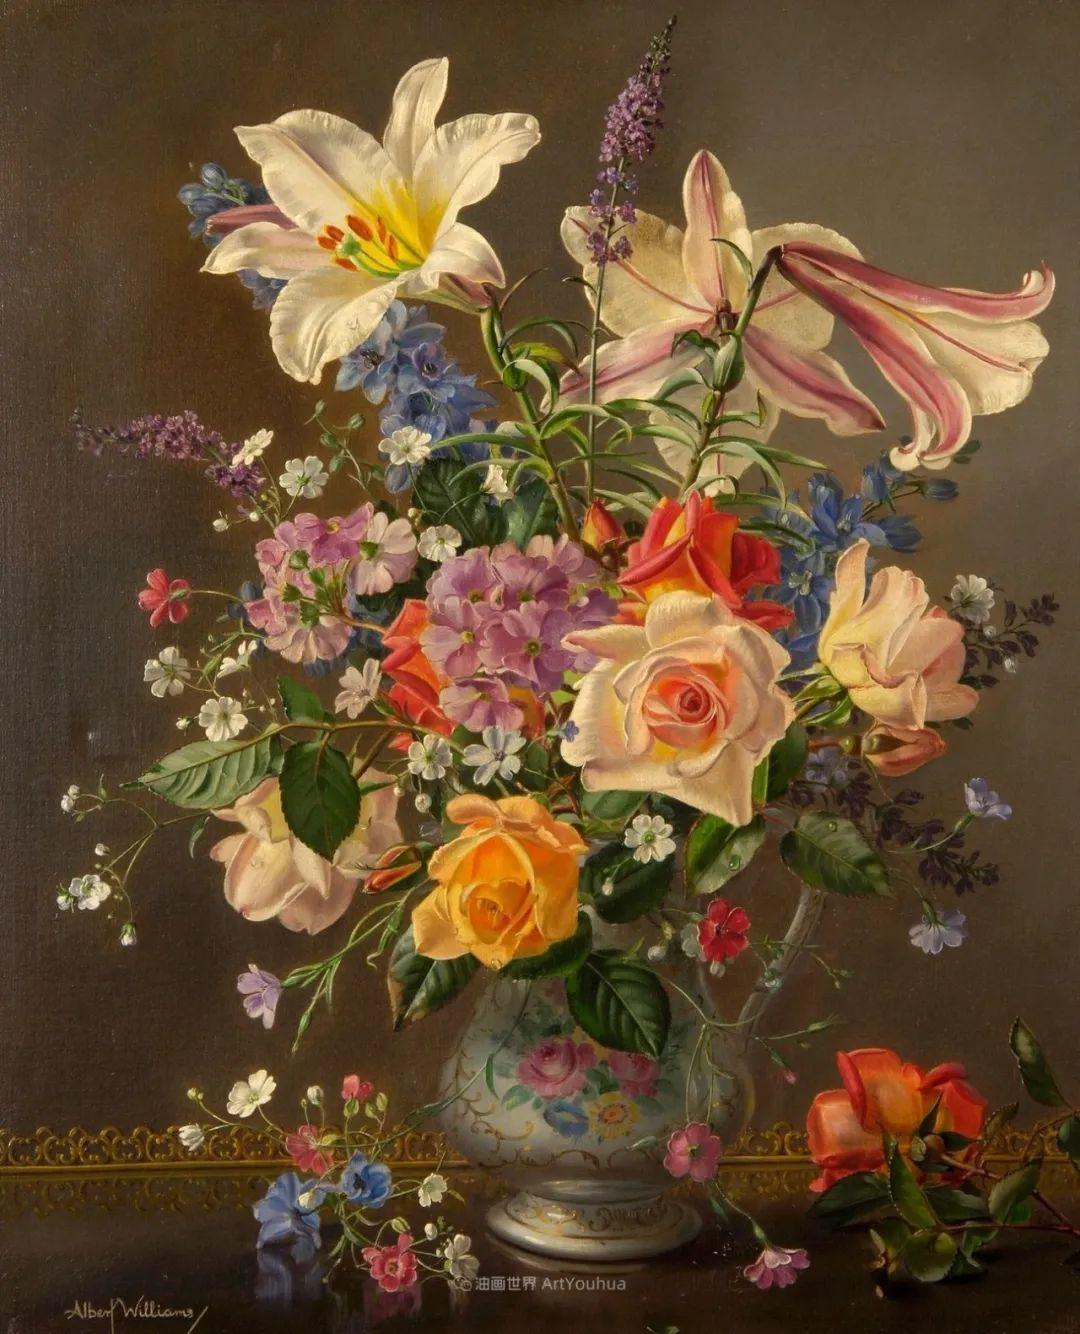 他放弃了古典风格,以更自然、个性化的风格绘画现代花卉!插图57